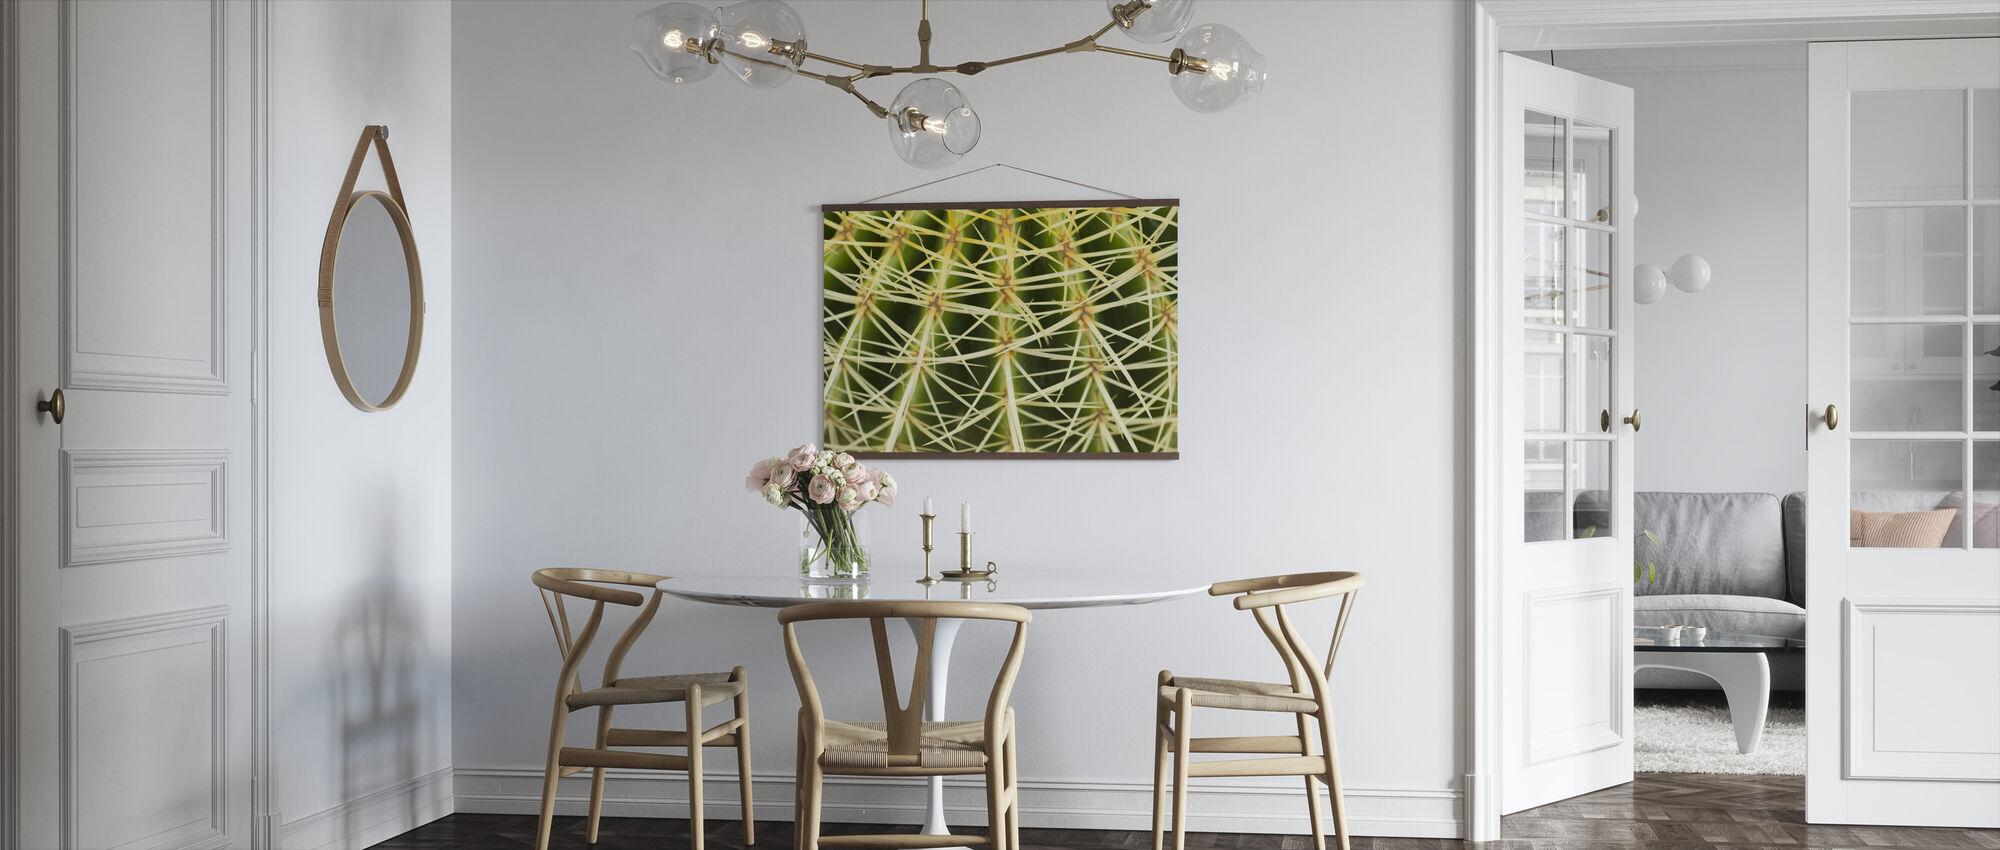 Kultainen tynnyri Kaktus lähietäisyydeltä - Juliste - Keittiö